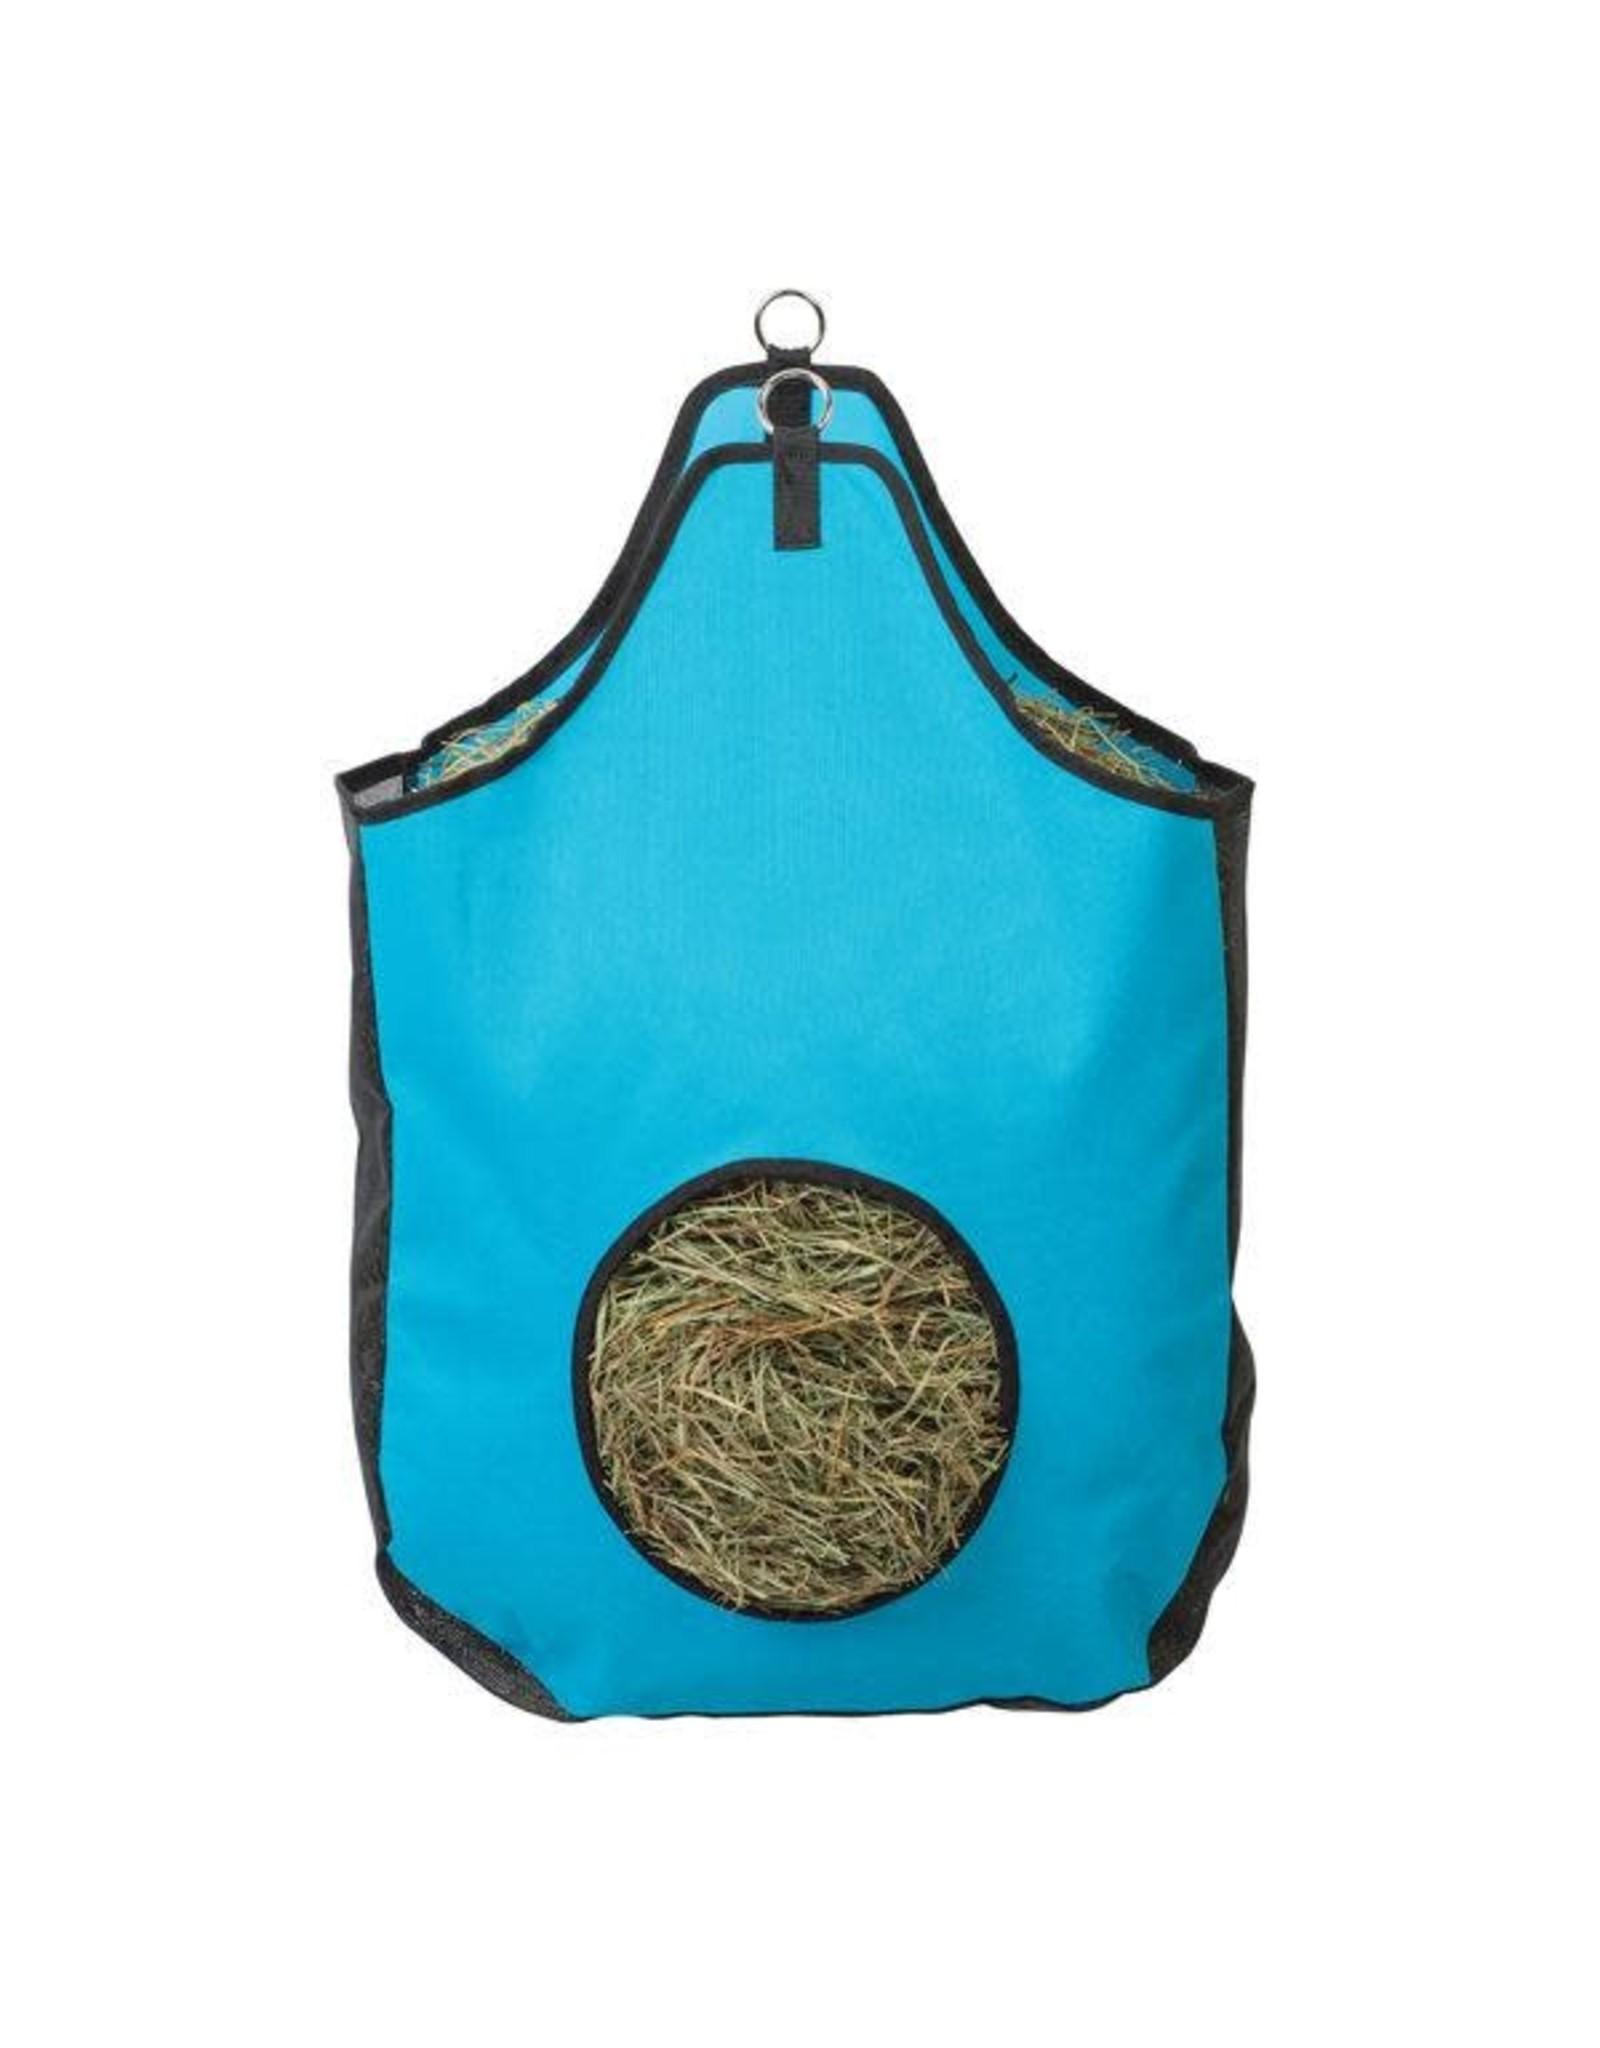 Weaver Hay Bag Cordura W/Mesh Bottom Solid Color